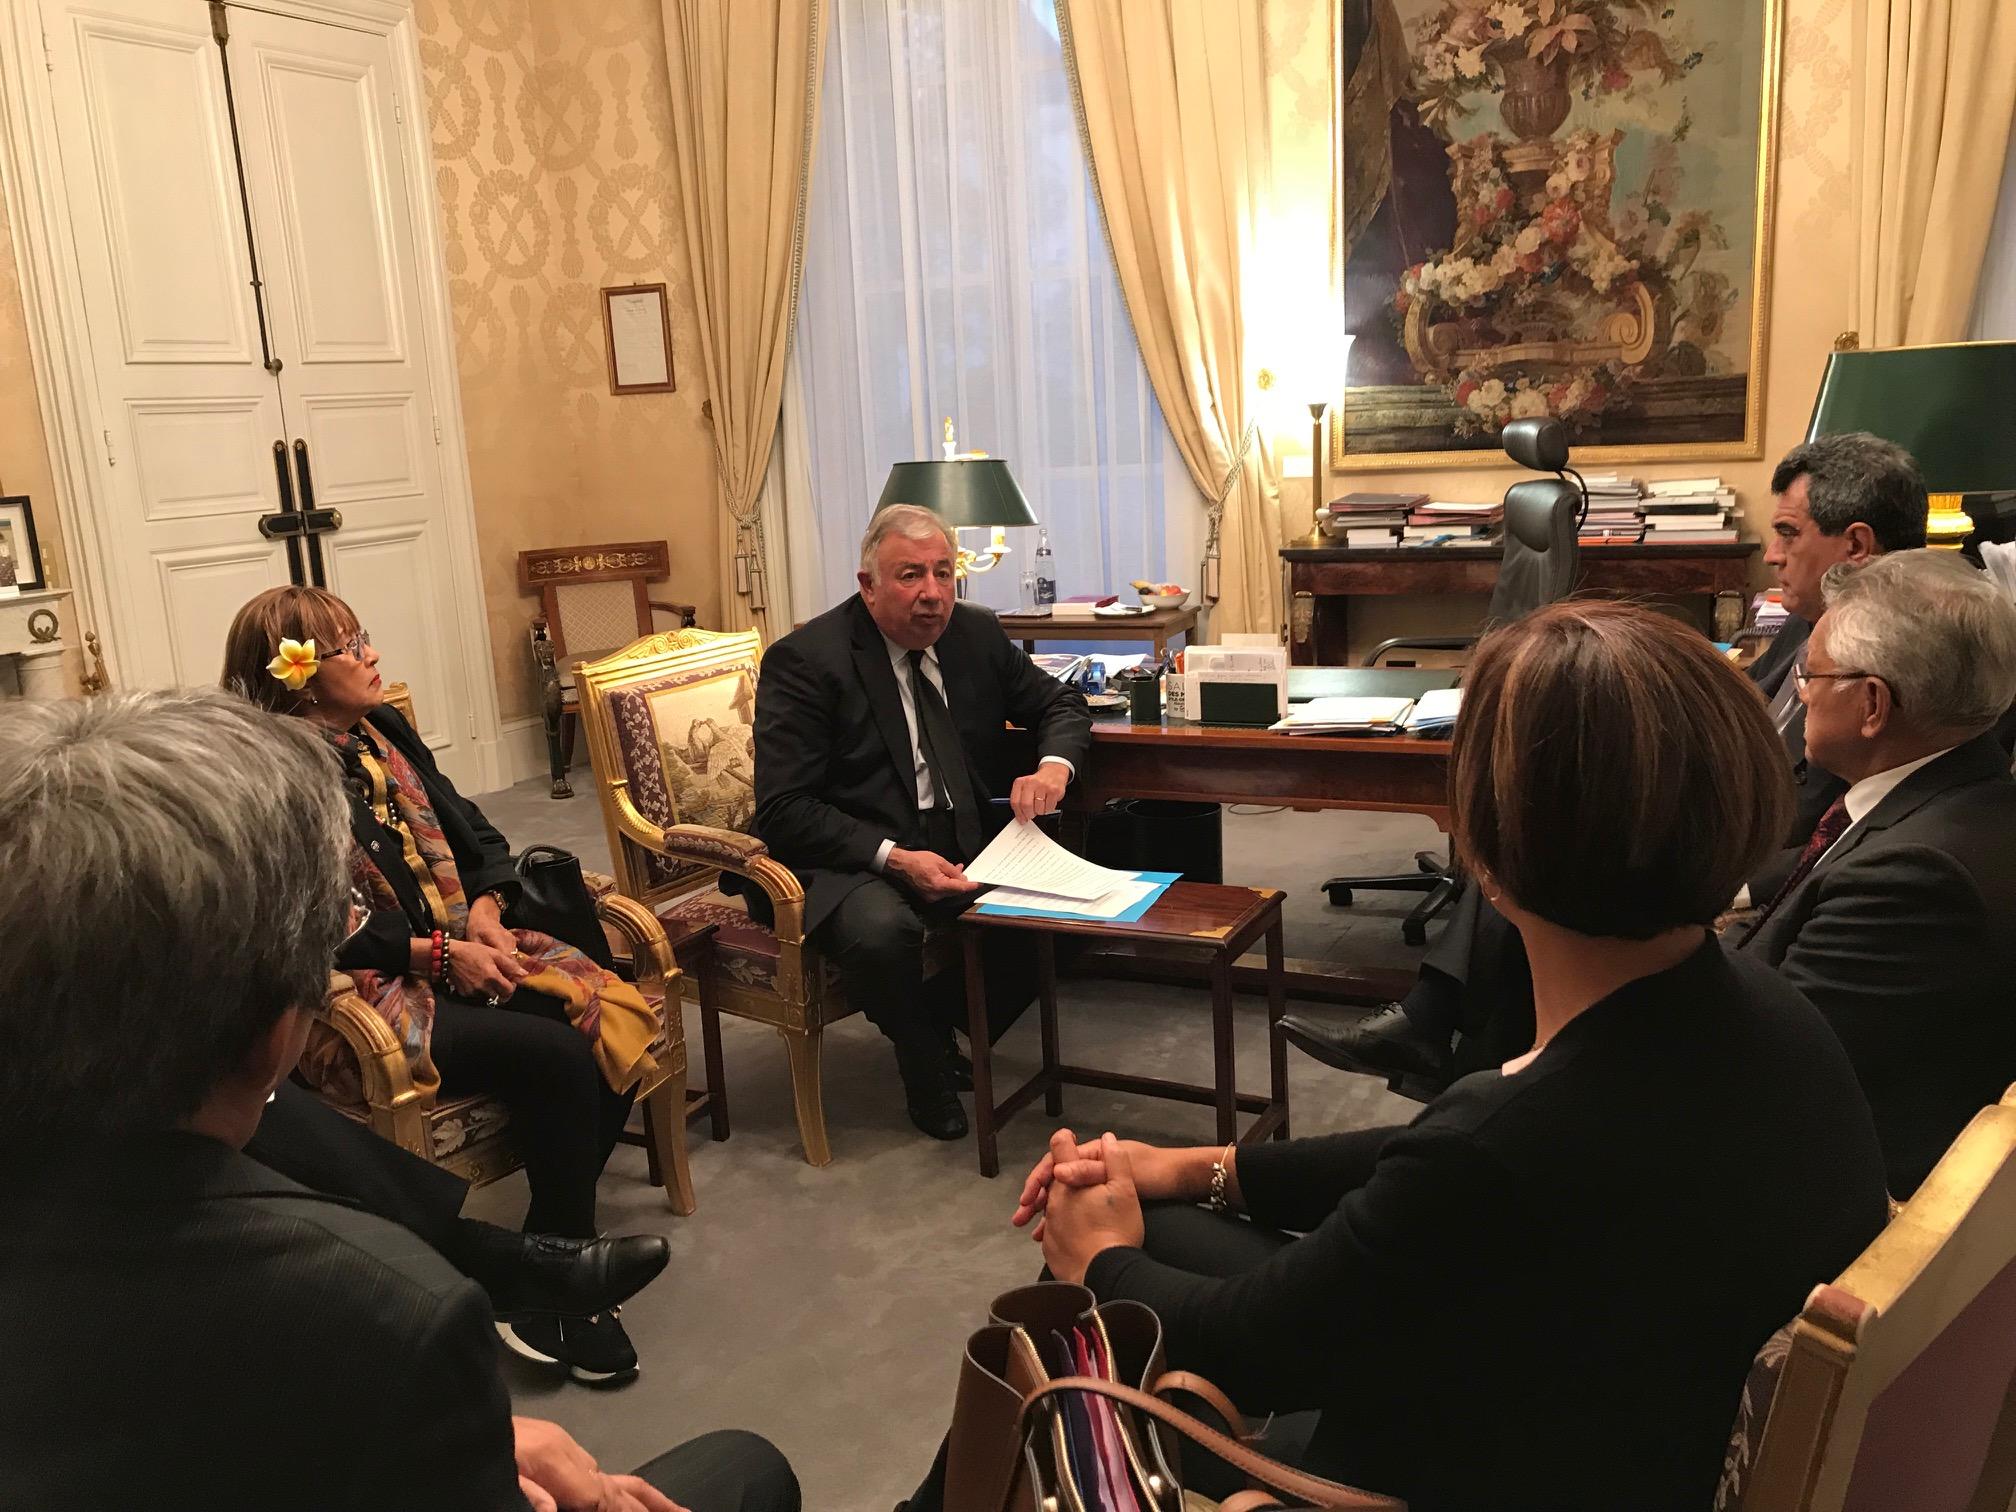 Le projet de réforme statutaire a été évoqué lors d'un entretien avec le président du Sénat, Gérard Larcher.